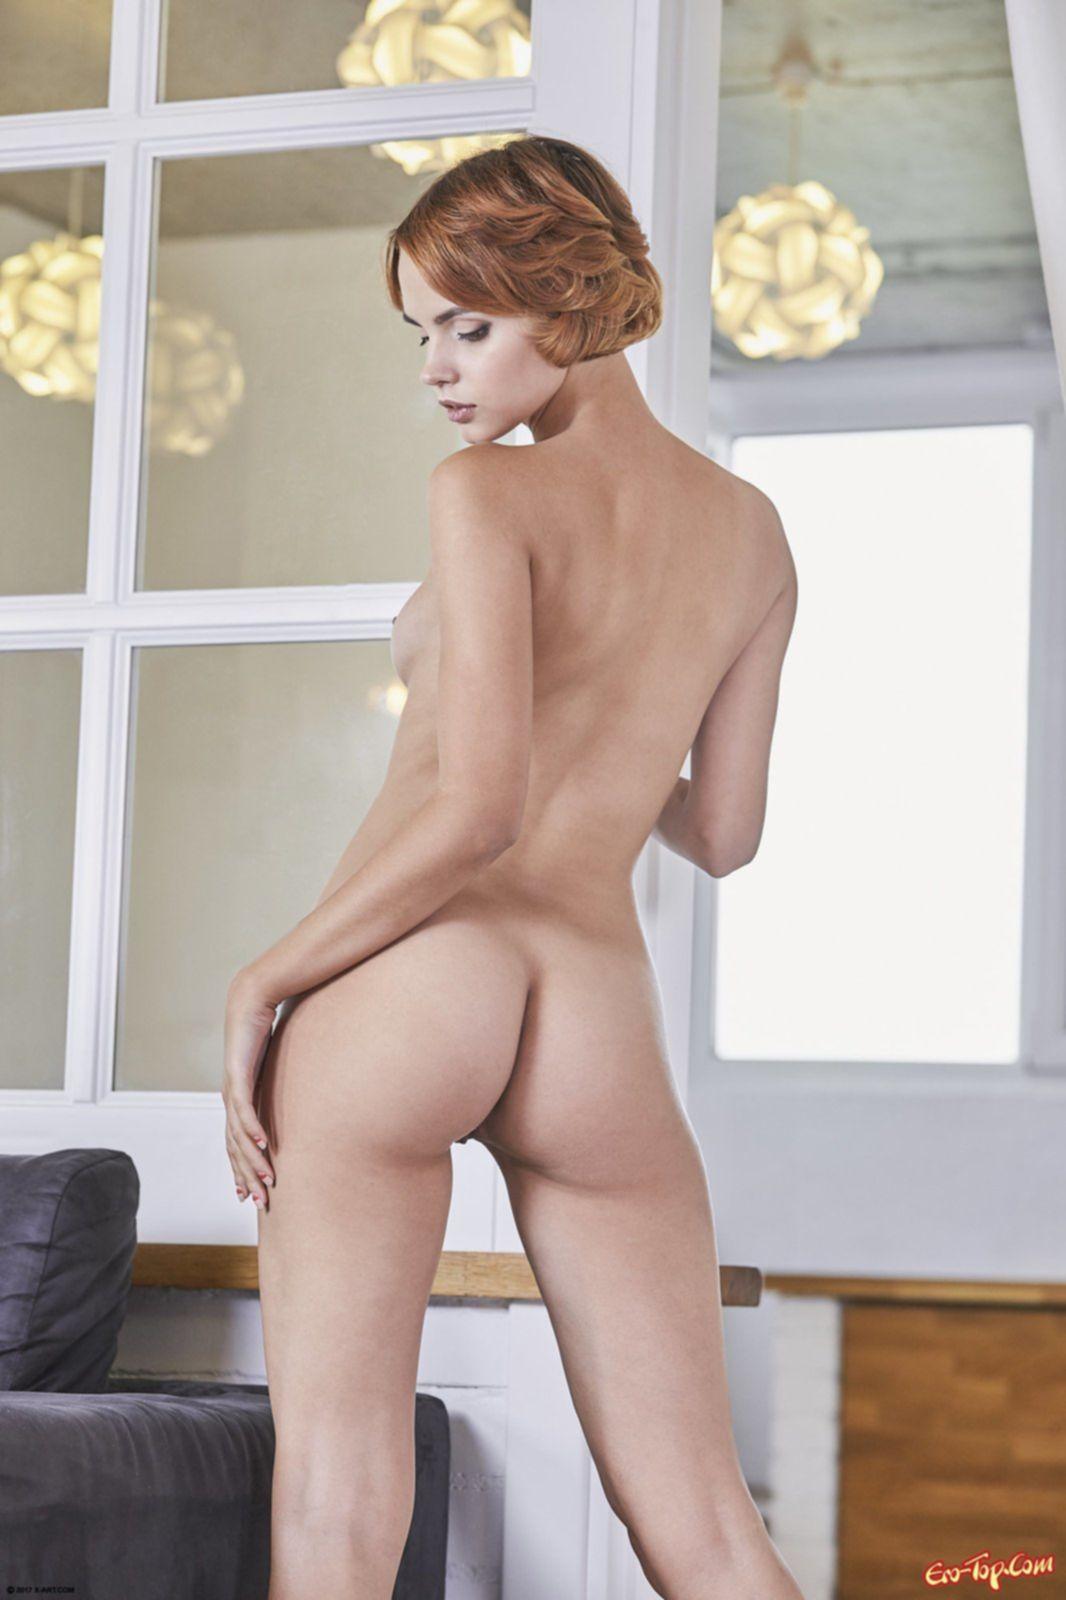 Милая рыжая девушка показывает сексуальное тело - фото